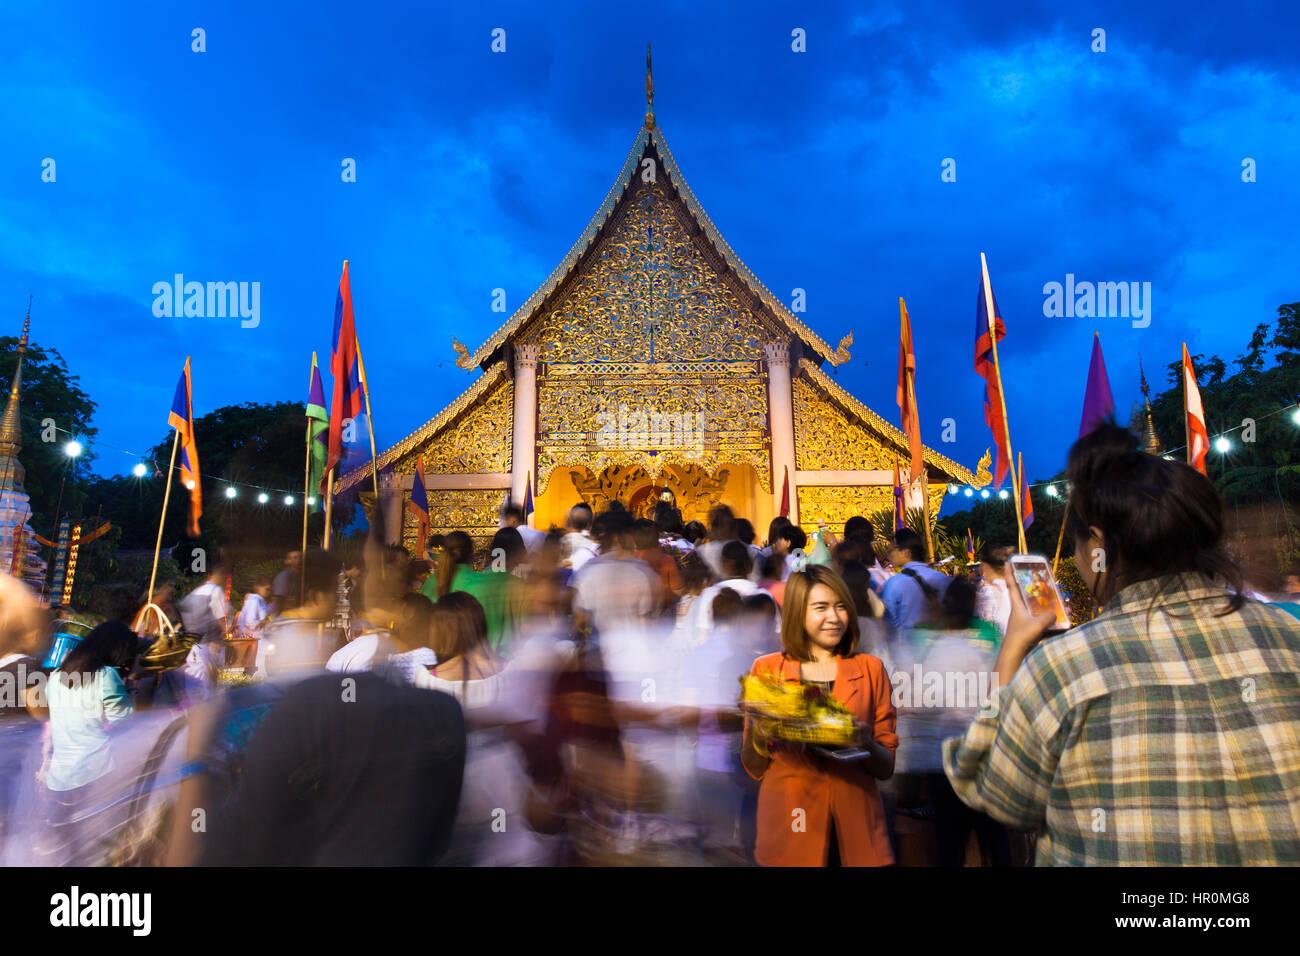 Chiang Mai, Tailandia - 29 mayo, 2014: Multitud de gente adorando a Wat Chedi Luang durante la Ciudad Festival Festival Imagen De Stock